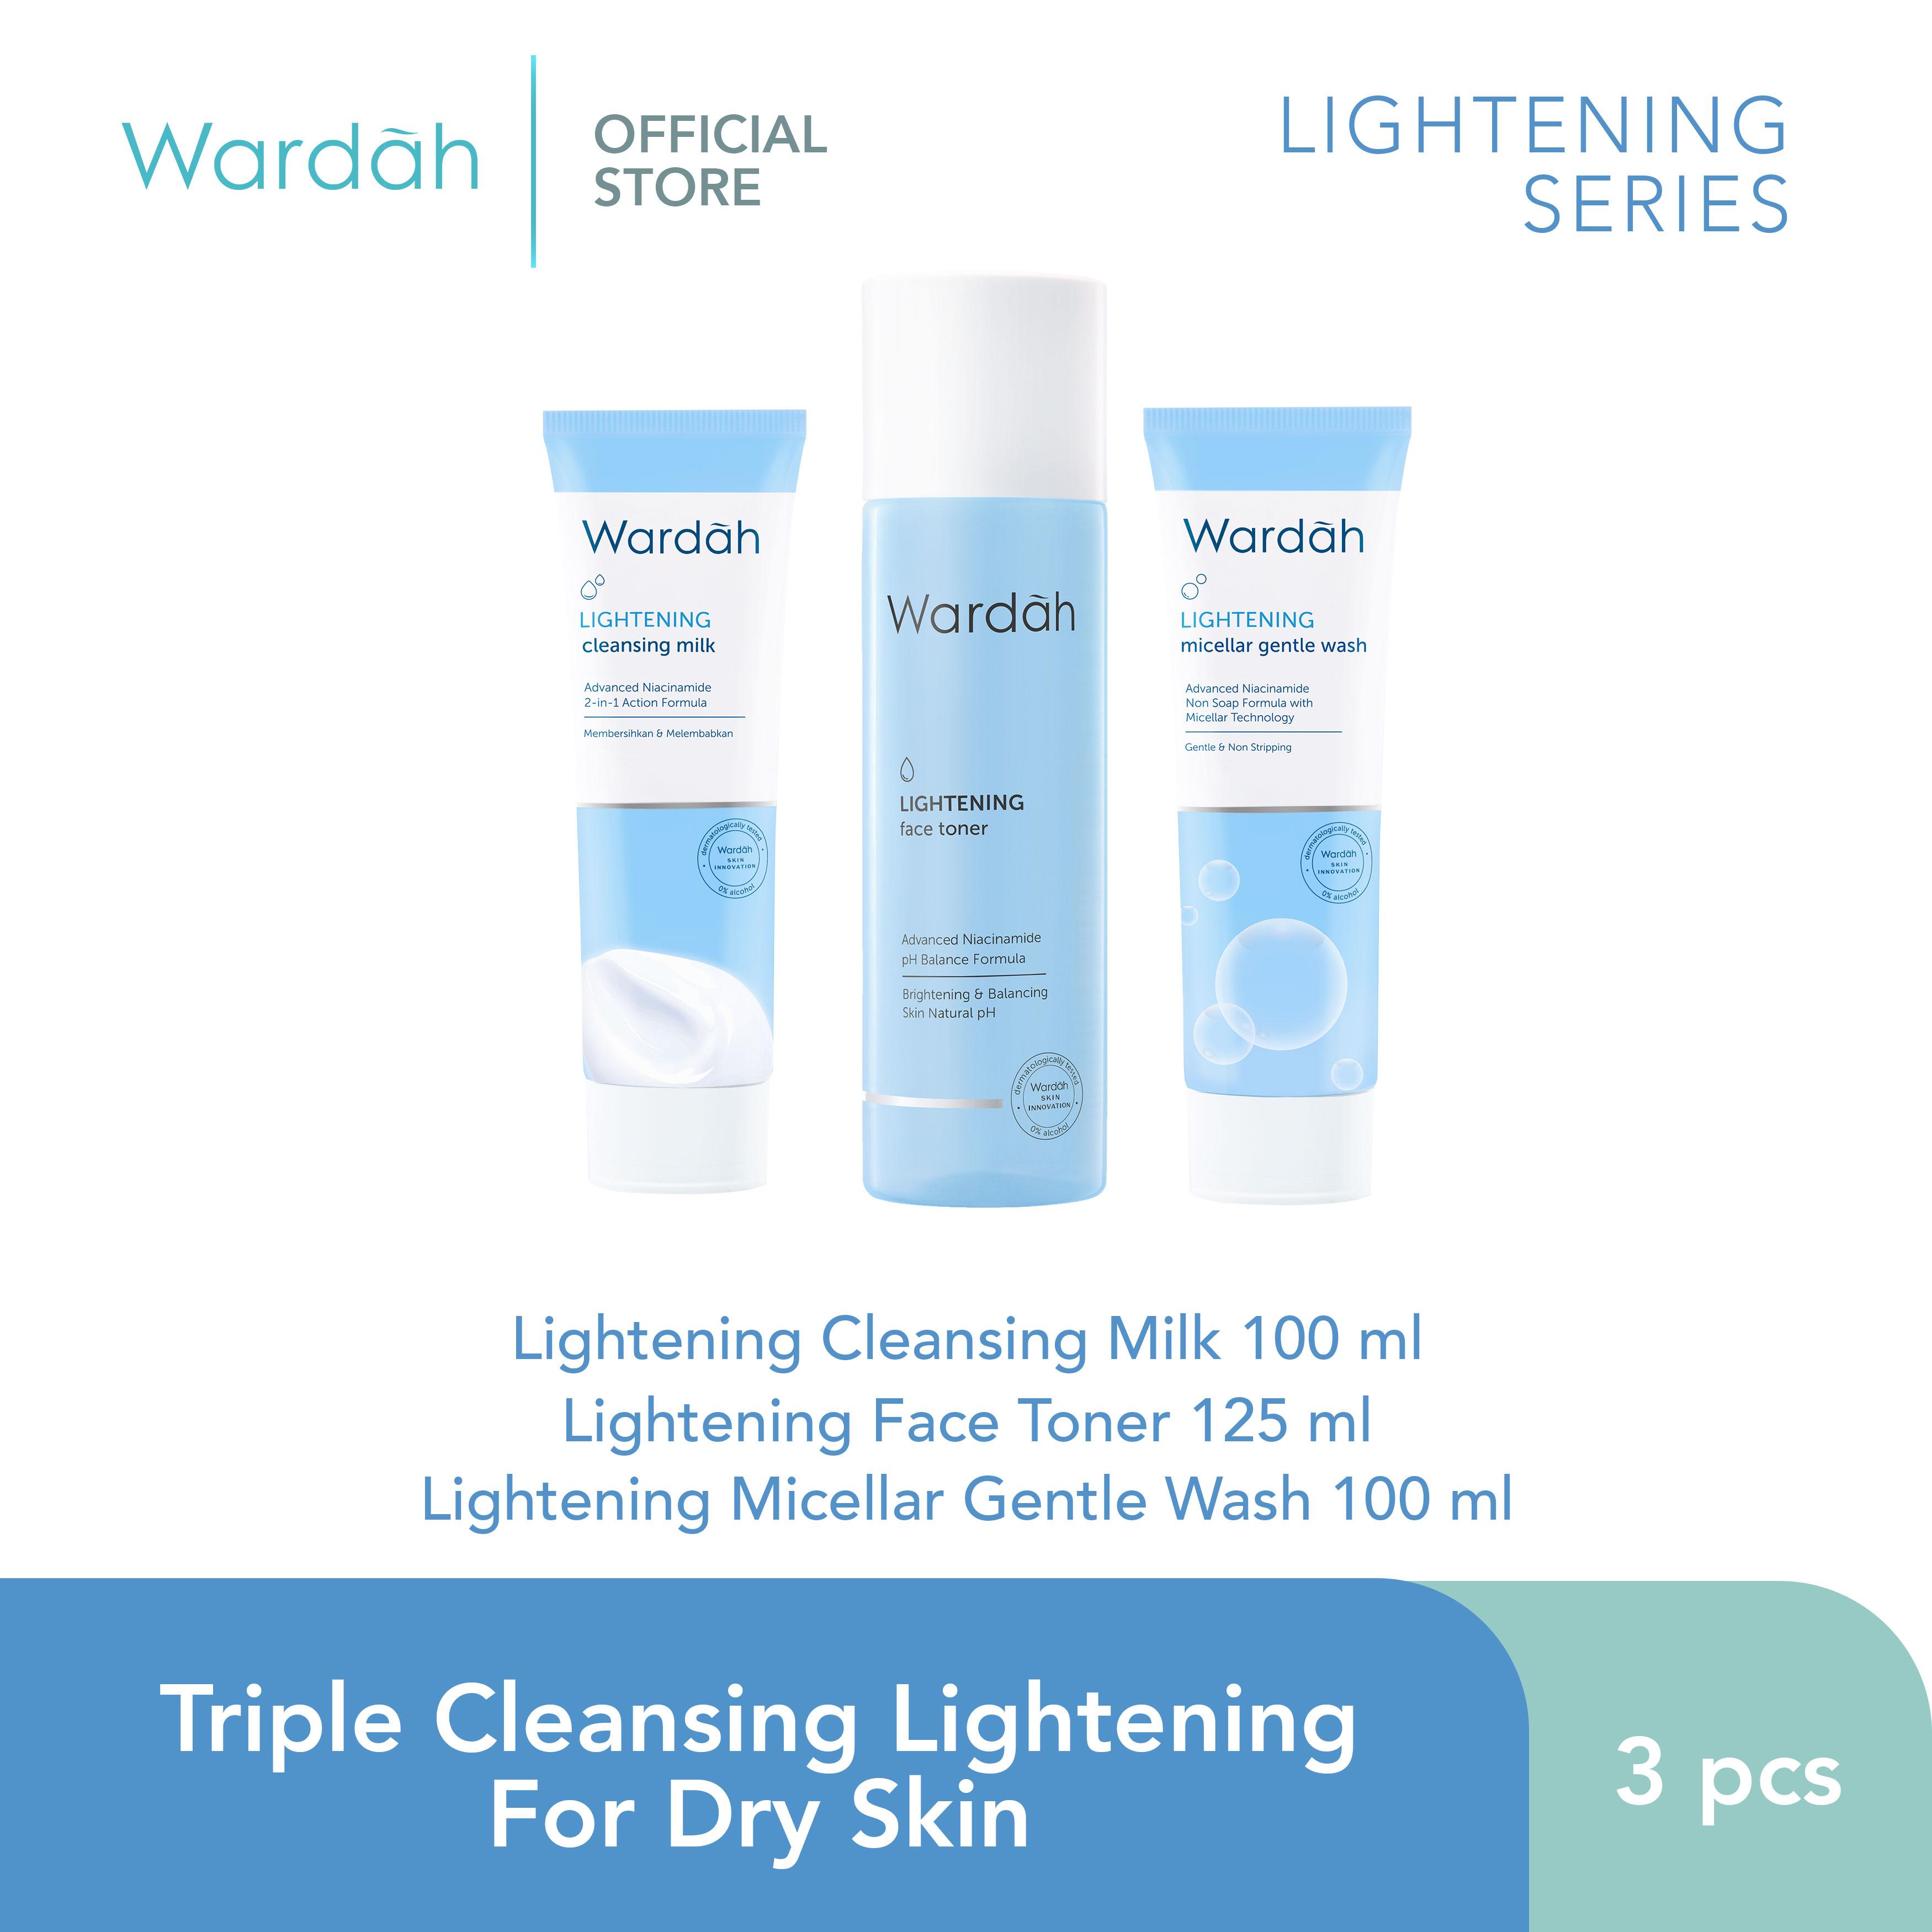 Triple Cleansing Lightening For Dry Skin